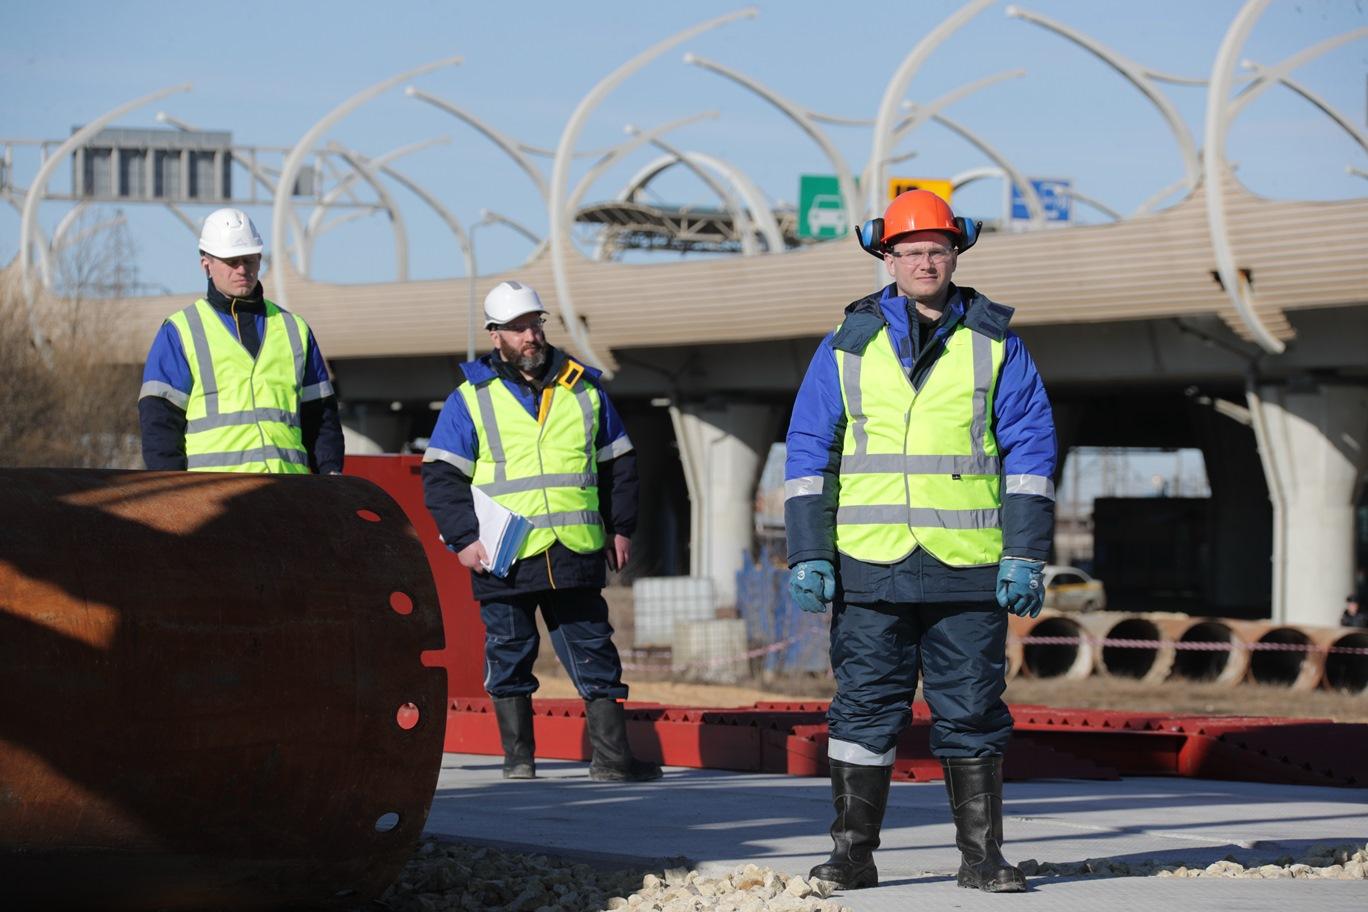 В Петербурге началось строительство Широтной магистрали скоростного движения